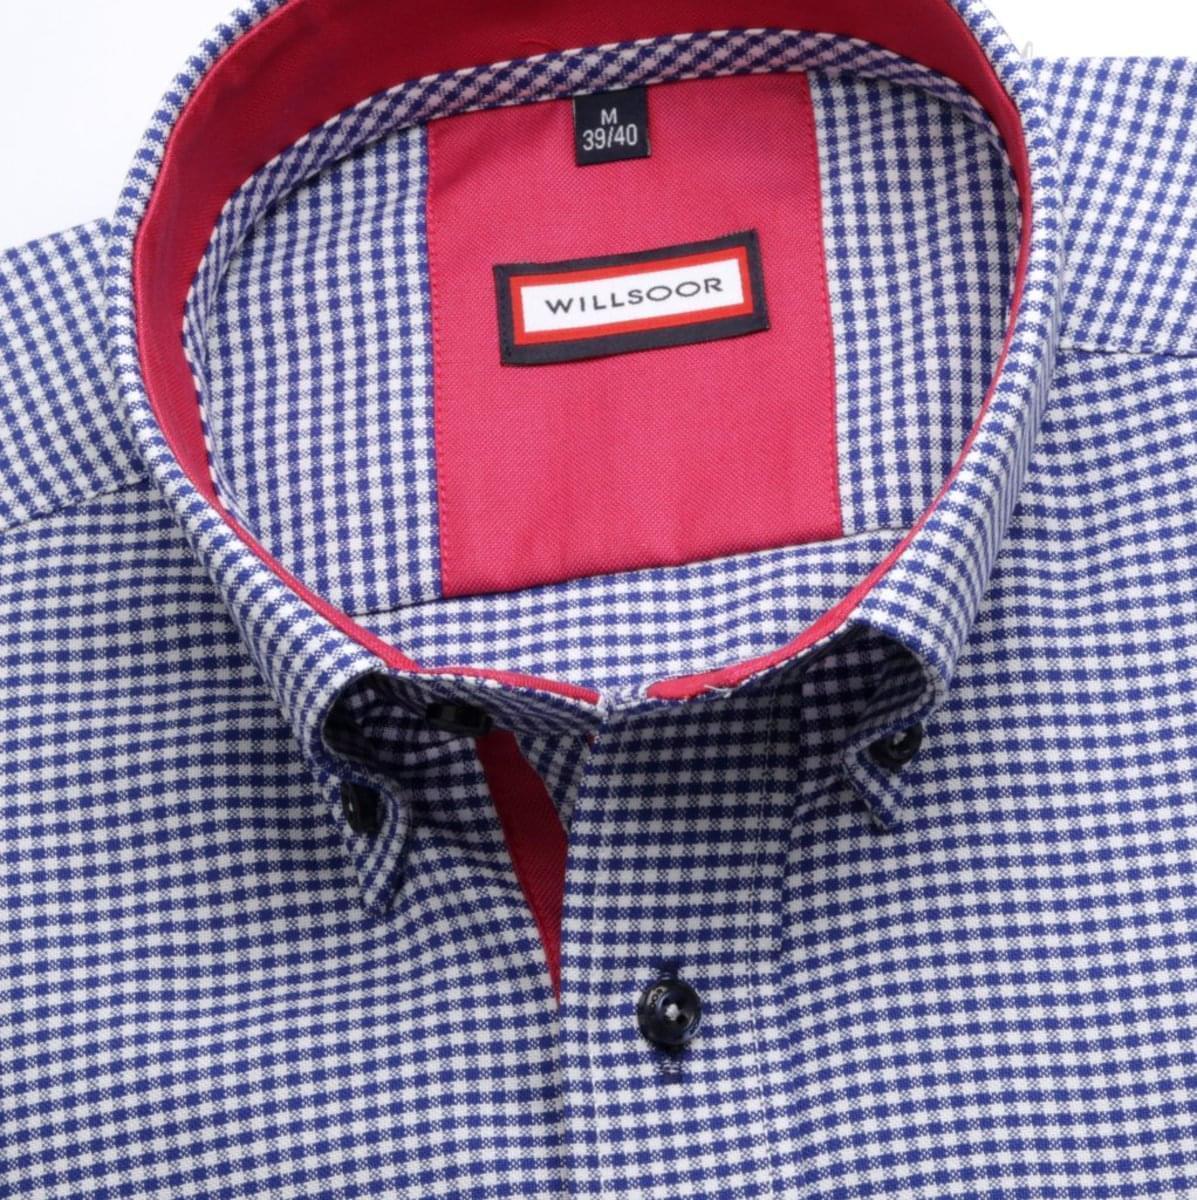 Pánska slim fit košeľa (výška 164-170) 6917 s kockou a golierikom na gombíky 164-170 / M (39/40)